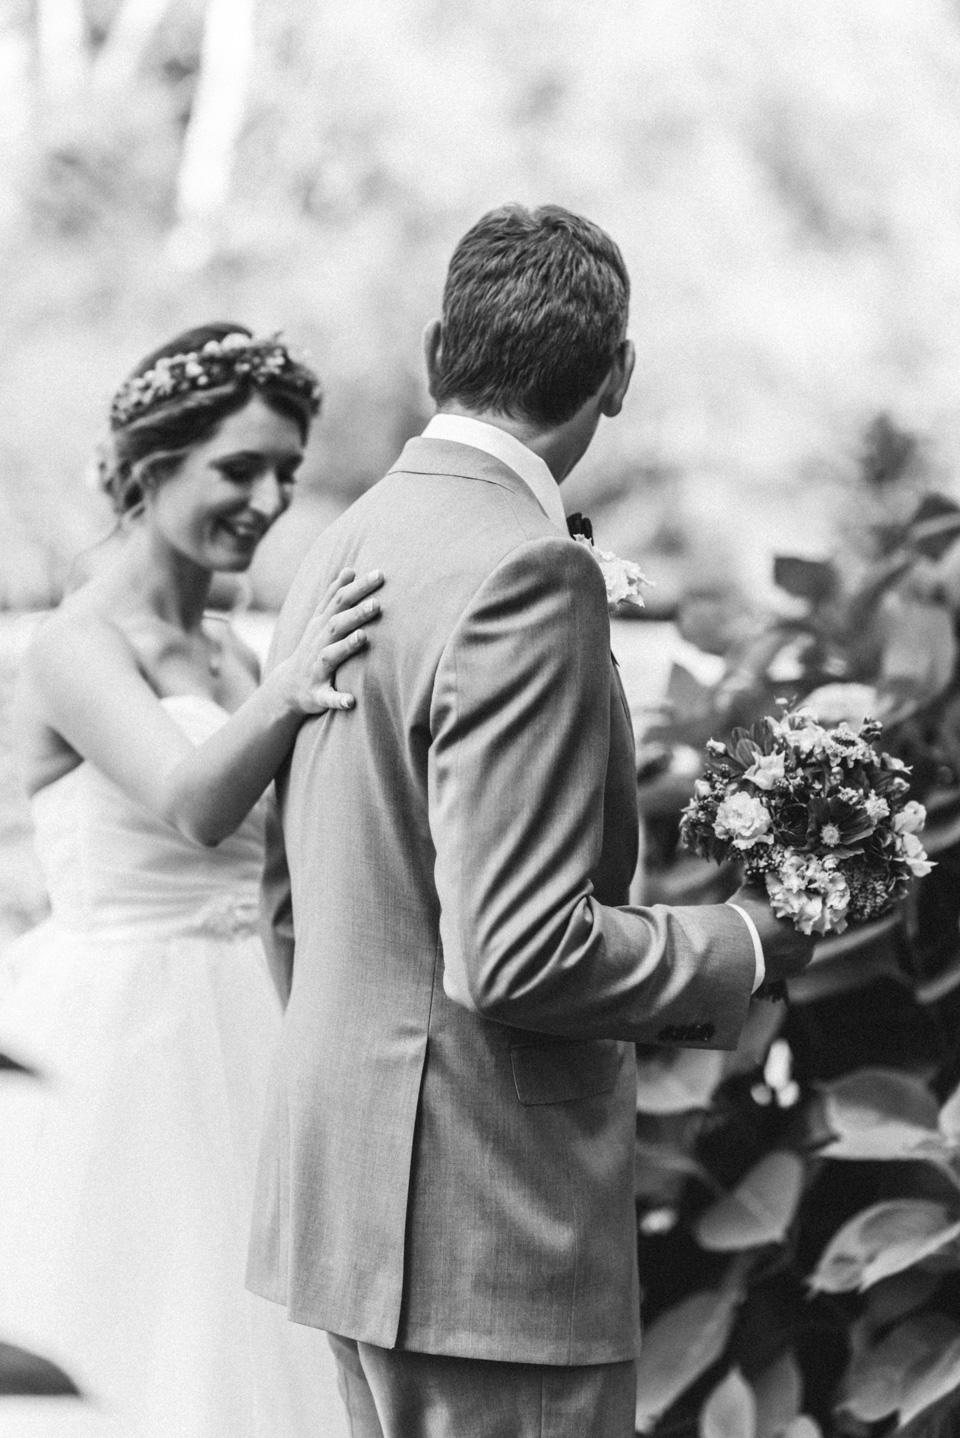 gut-hohenholz-wedding-fotos-49